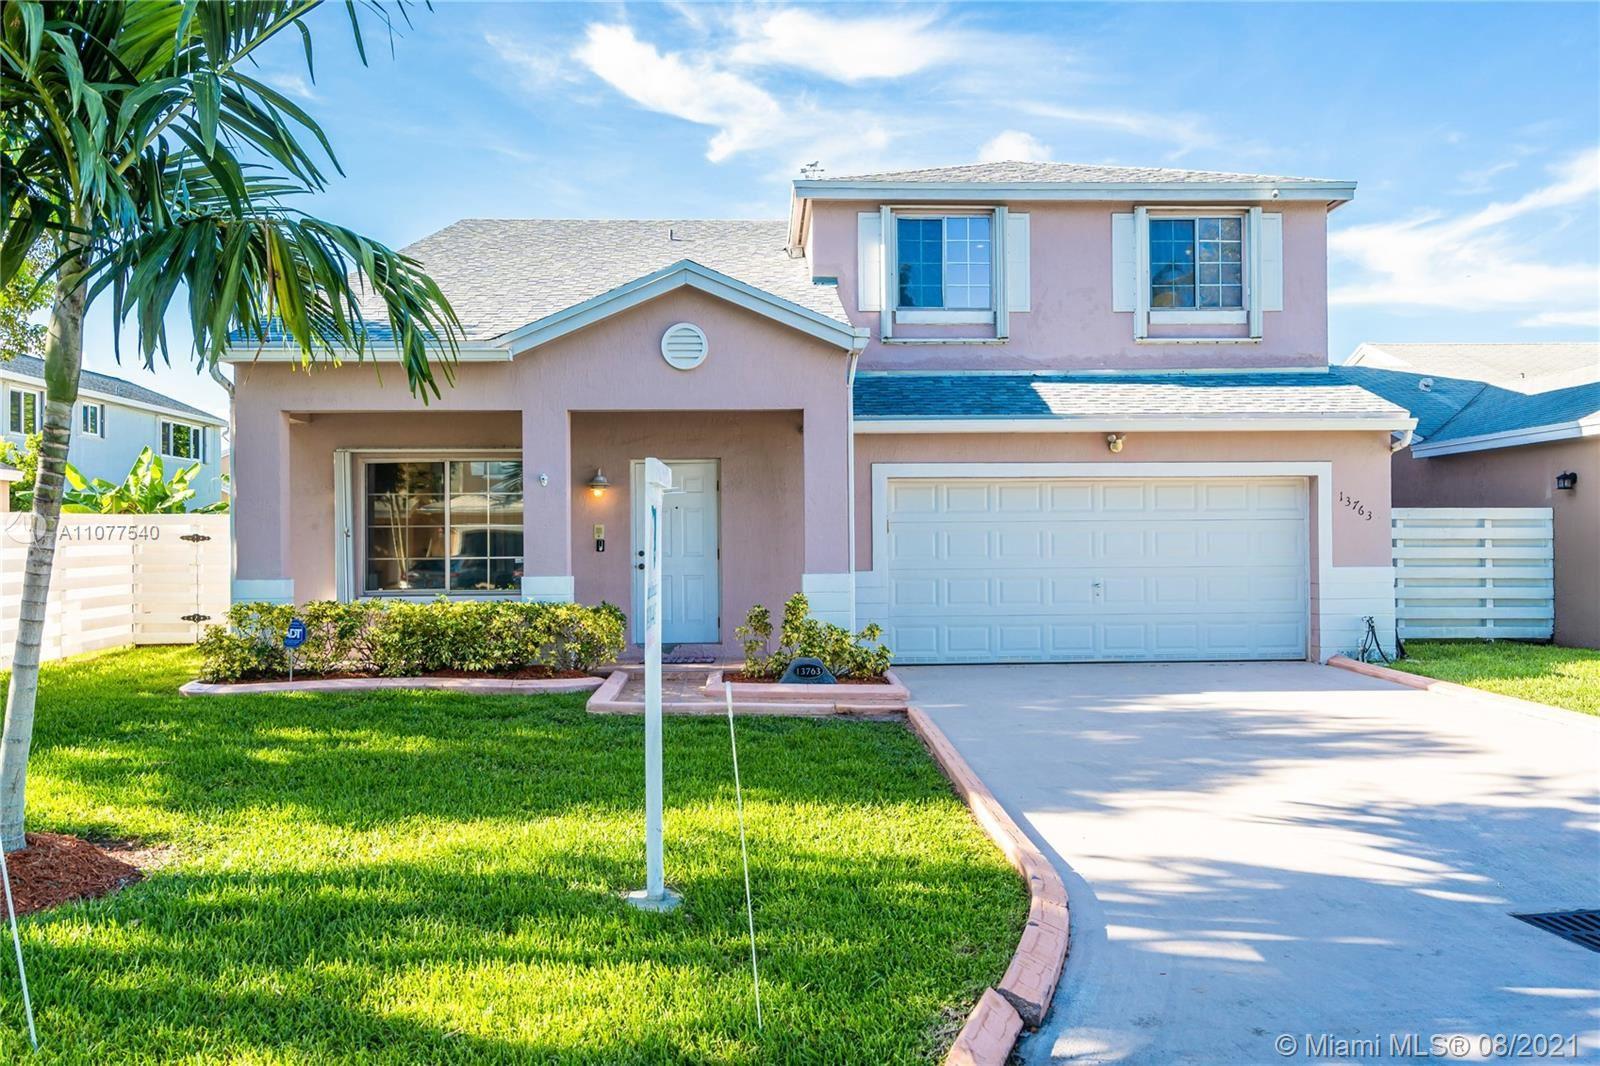 13763 SW 145th Ter, Miami, FL 33186 - #: A11077540